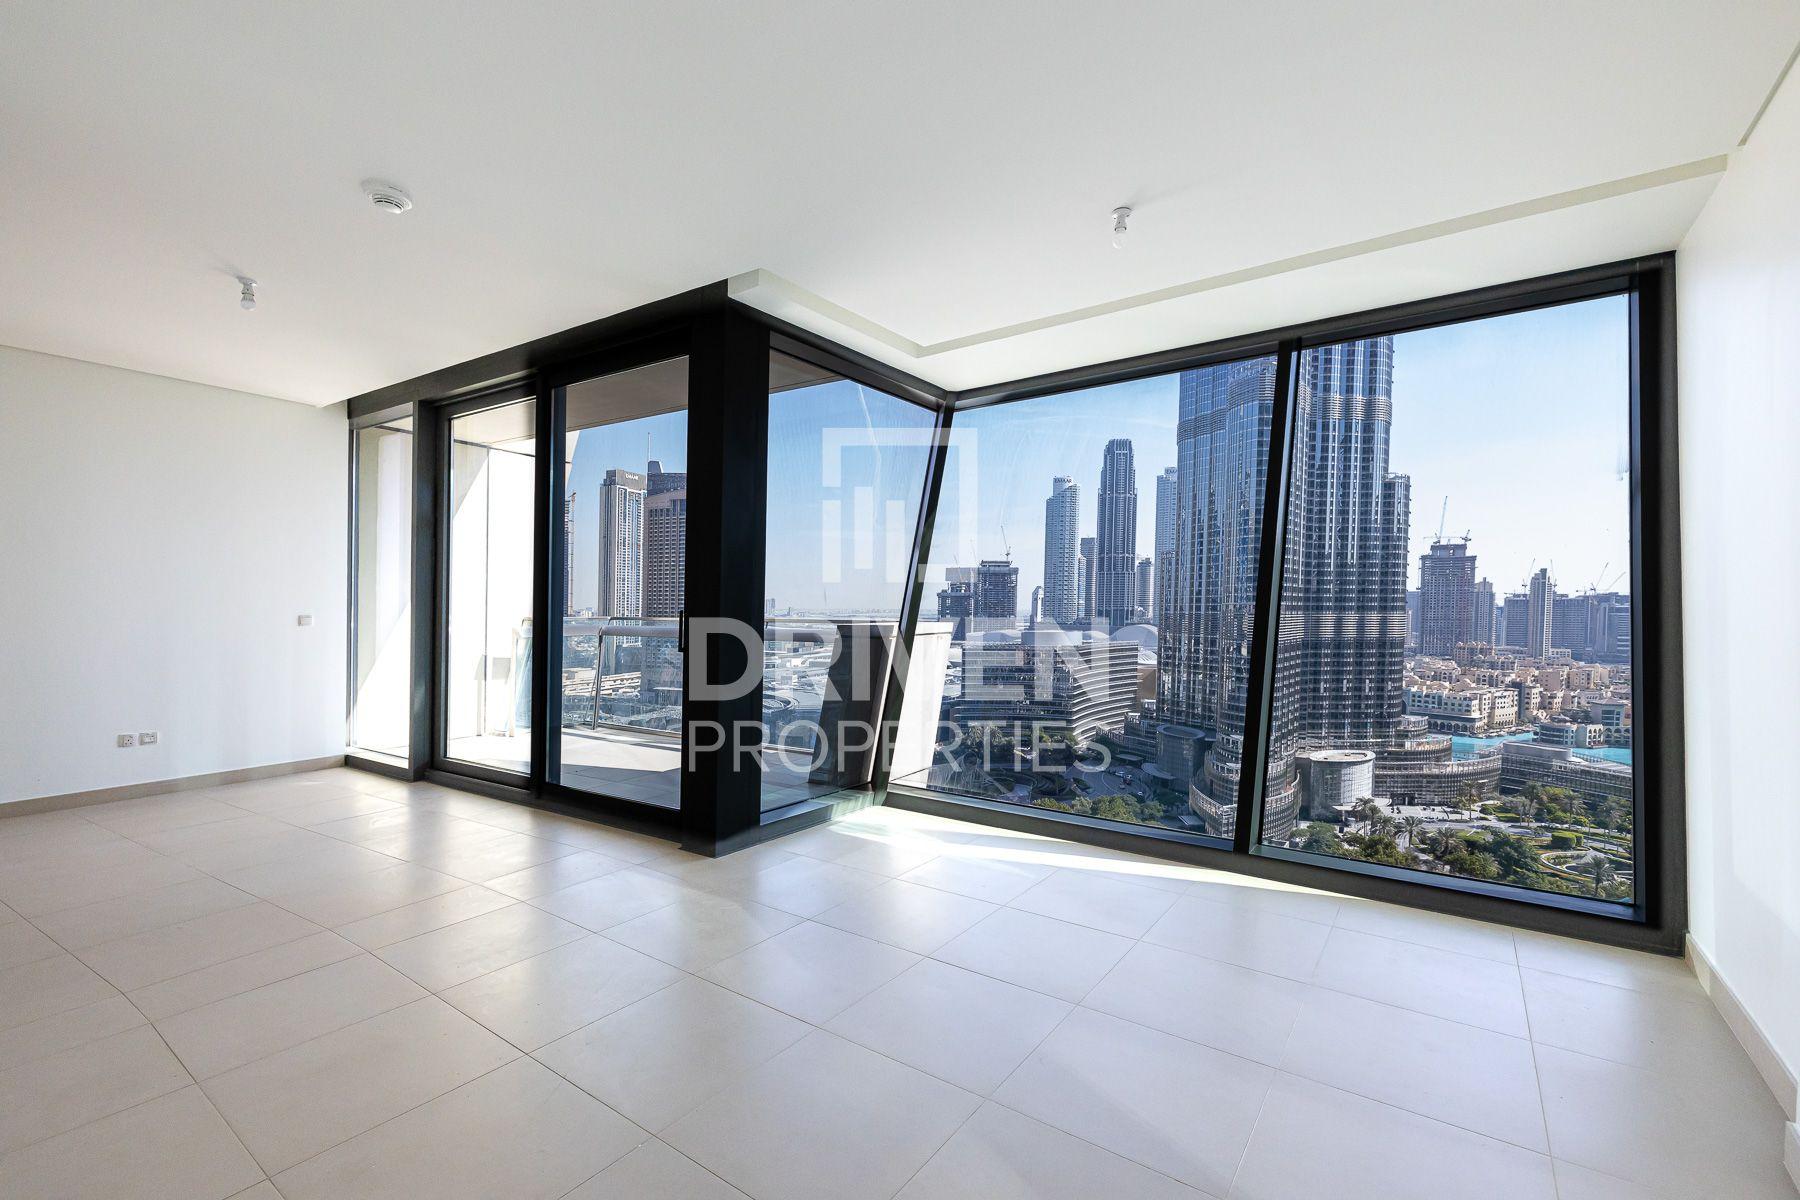 1,658 قدم مربع  شقة - للبيع - دبي وسط المدينة